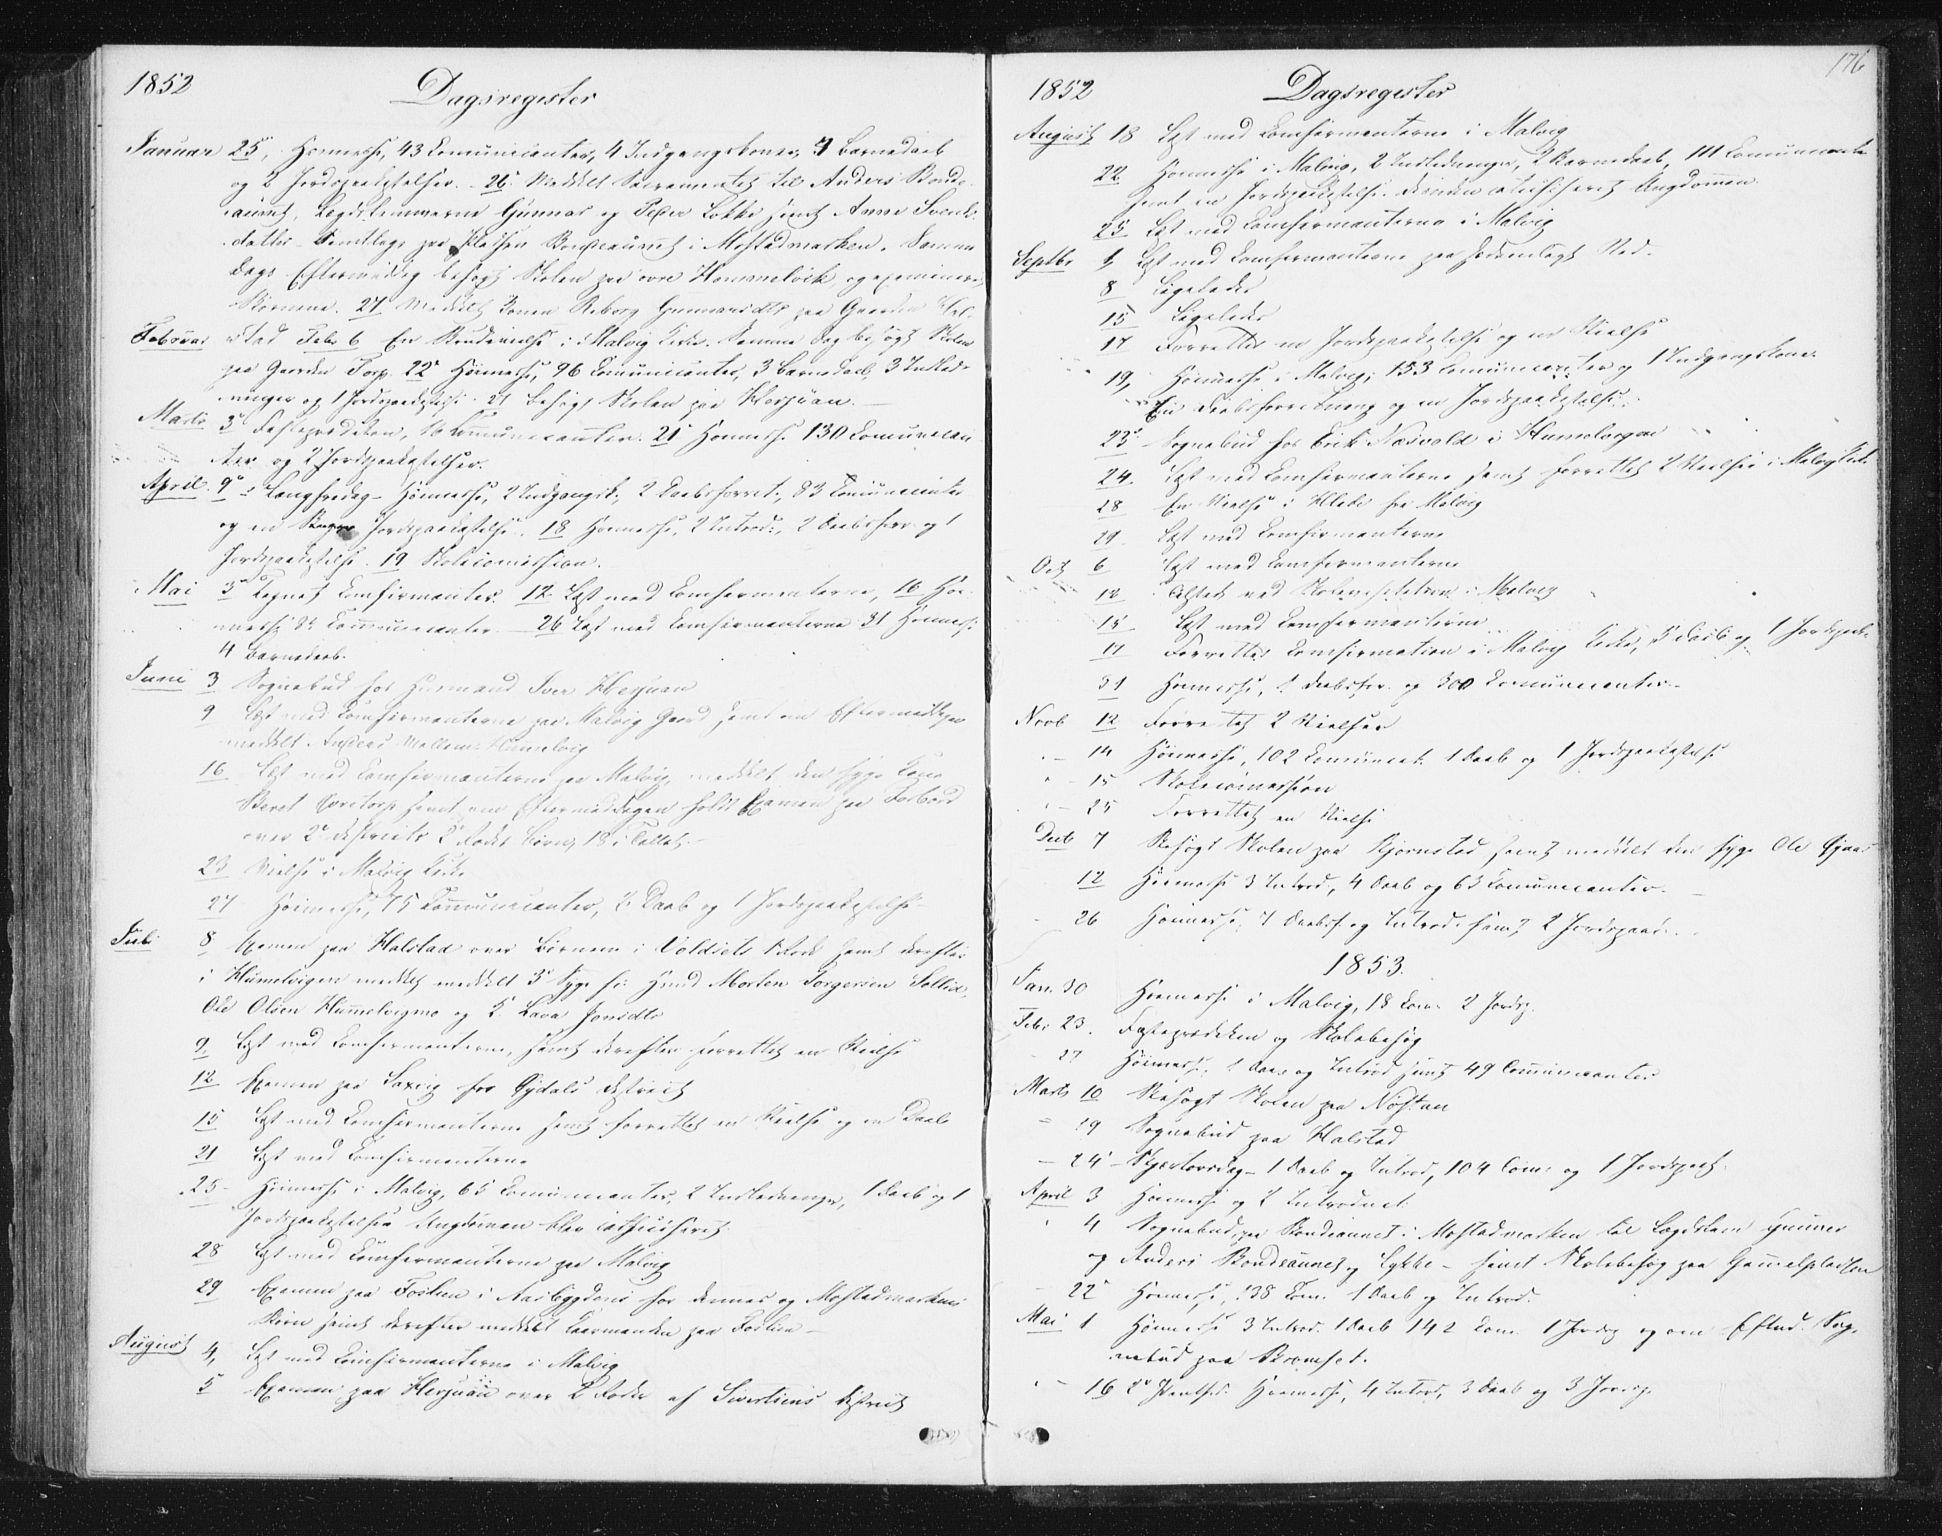 SAT, Ministerialprotokoller, klokkerbøker og fødselsregistre - Sør-Trøndelag, 616/L0407: Ministerialbok nr. 616A04, 1848-1856, s. 176